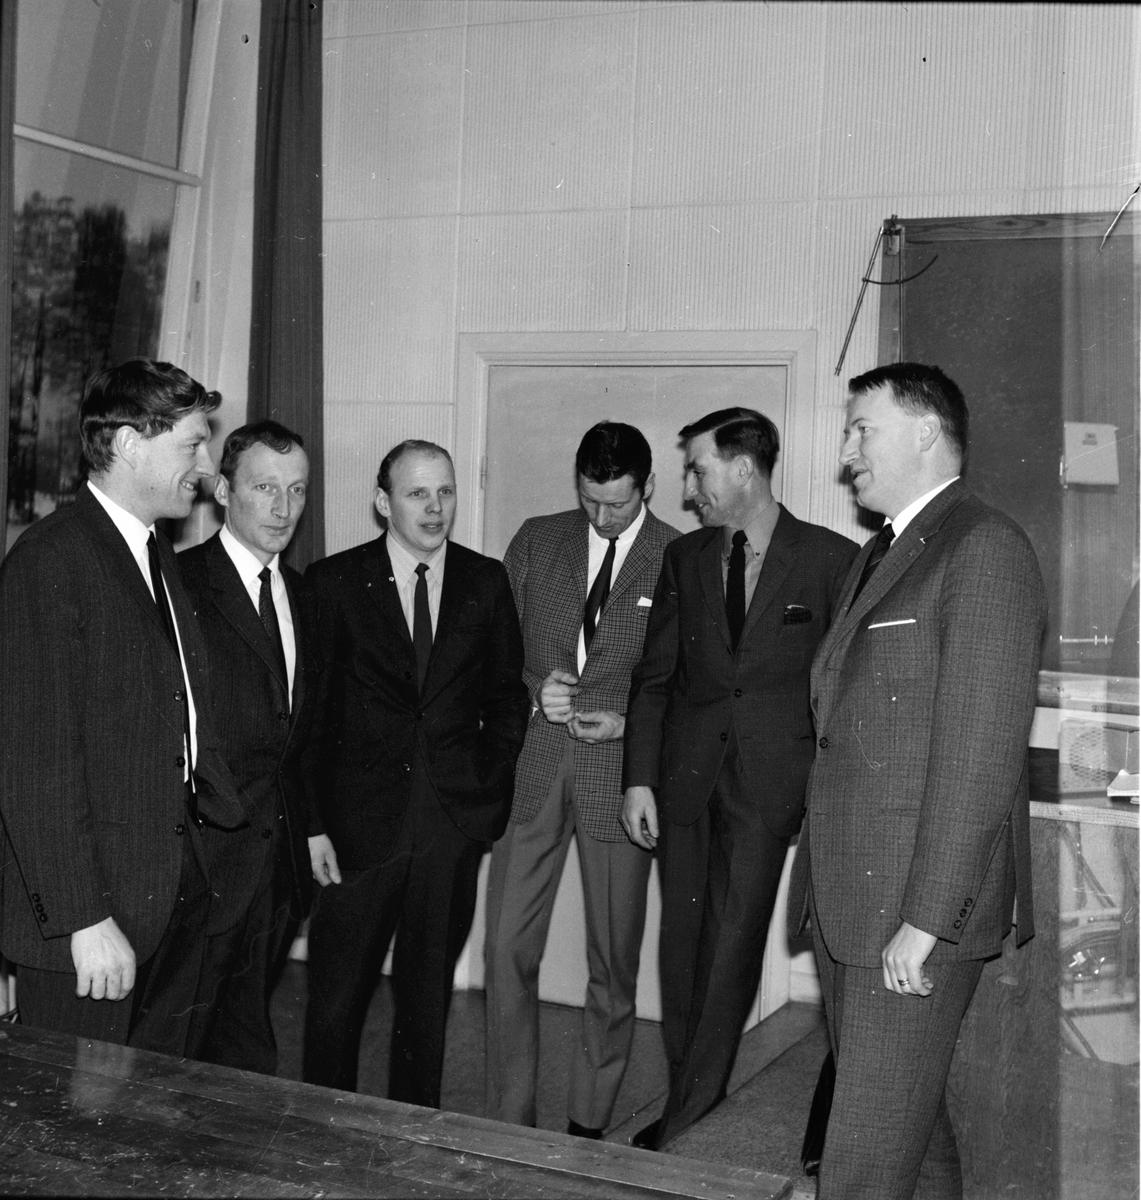 Arbrå, Nytorp, Ny kurs, 30 Januari 1969